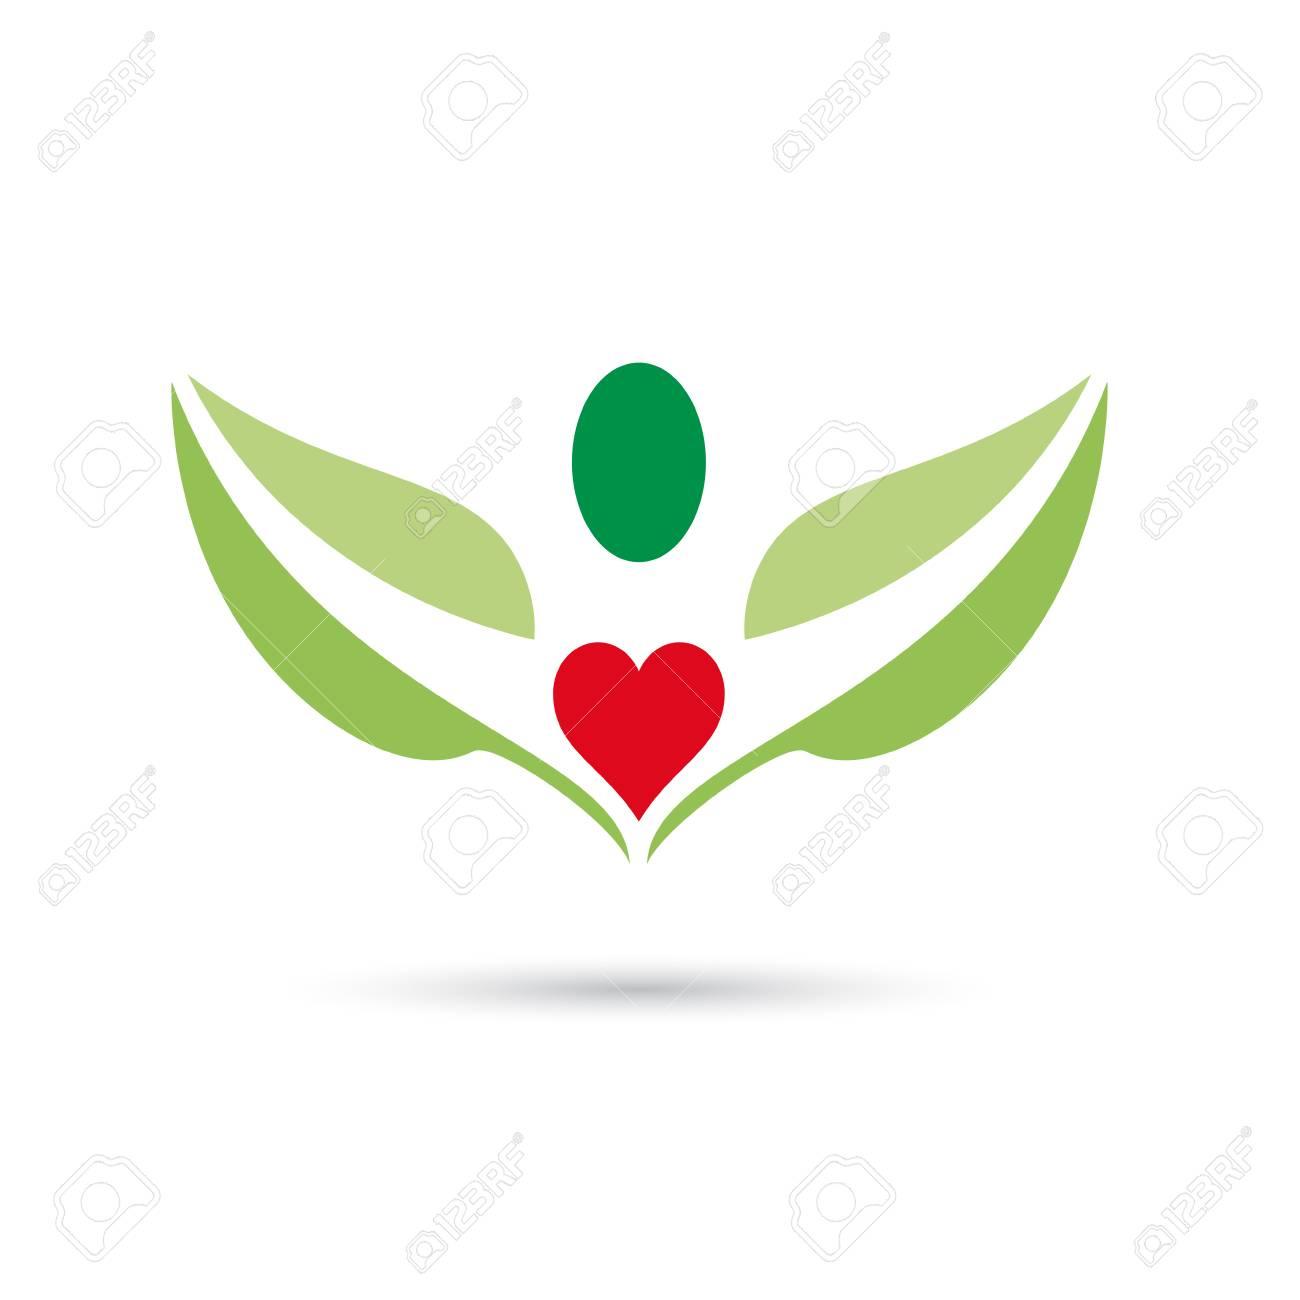 Vektor-Zeichen Herz Im Menschlichen Körper Lizenzfrei Nutzbare ...